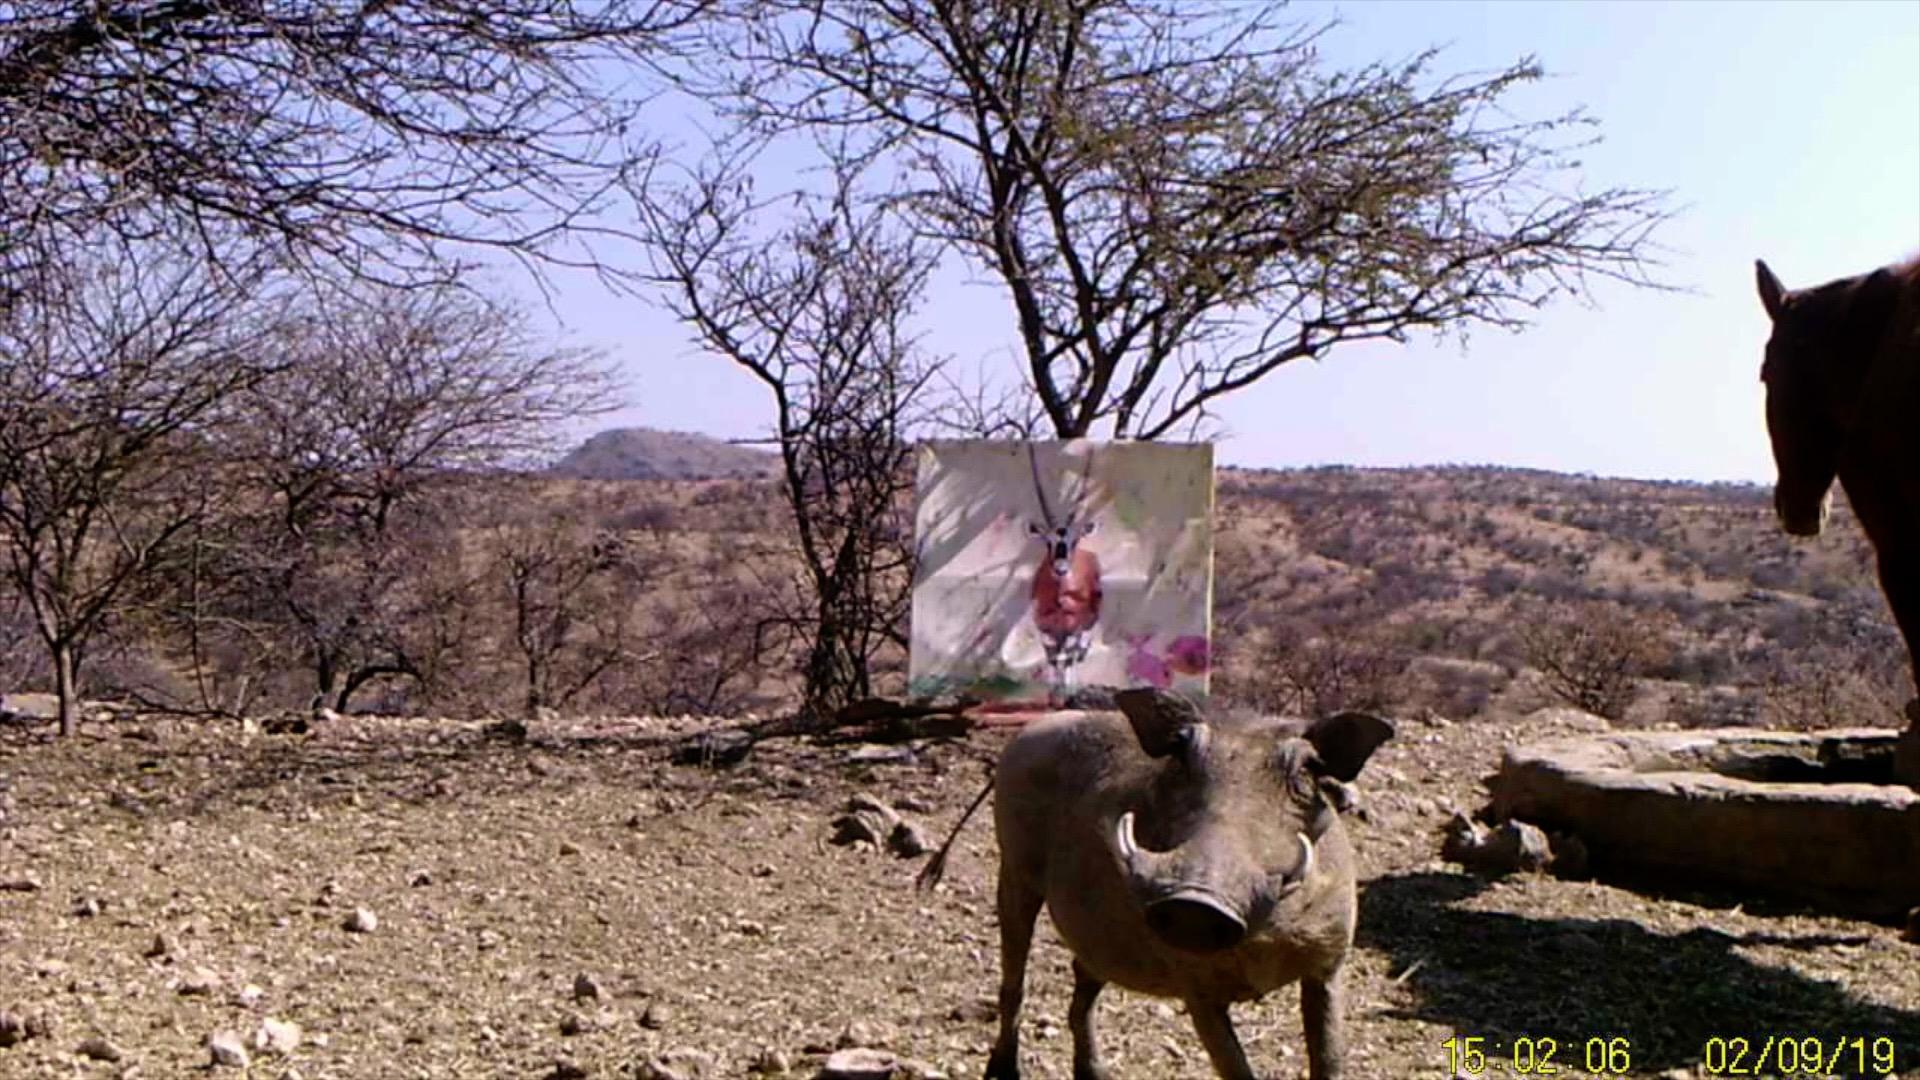 Filmstill SUPERWILDVISION Namibia 2019, Afrika, Kunstprojekt von Irene Mueller, Pferd, Warzenschwein schaut her, Gemaelde Antilope